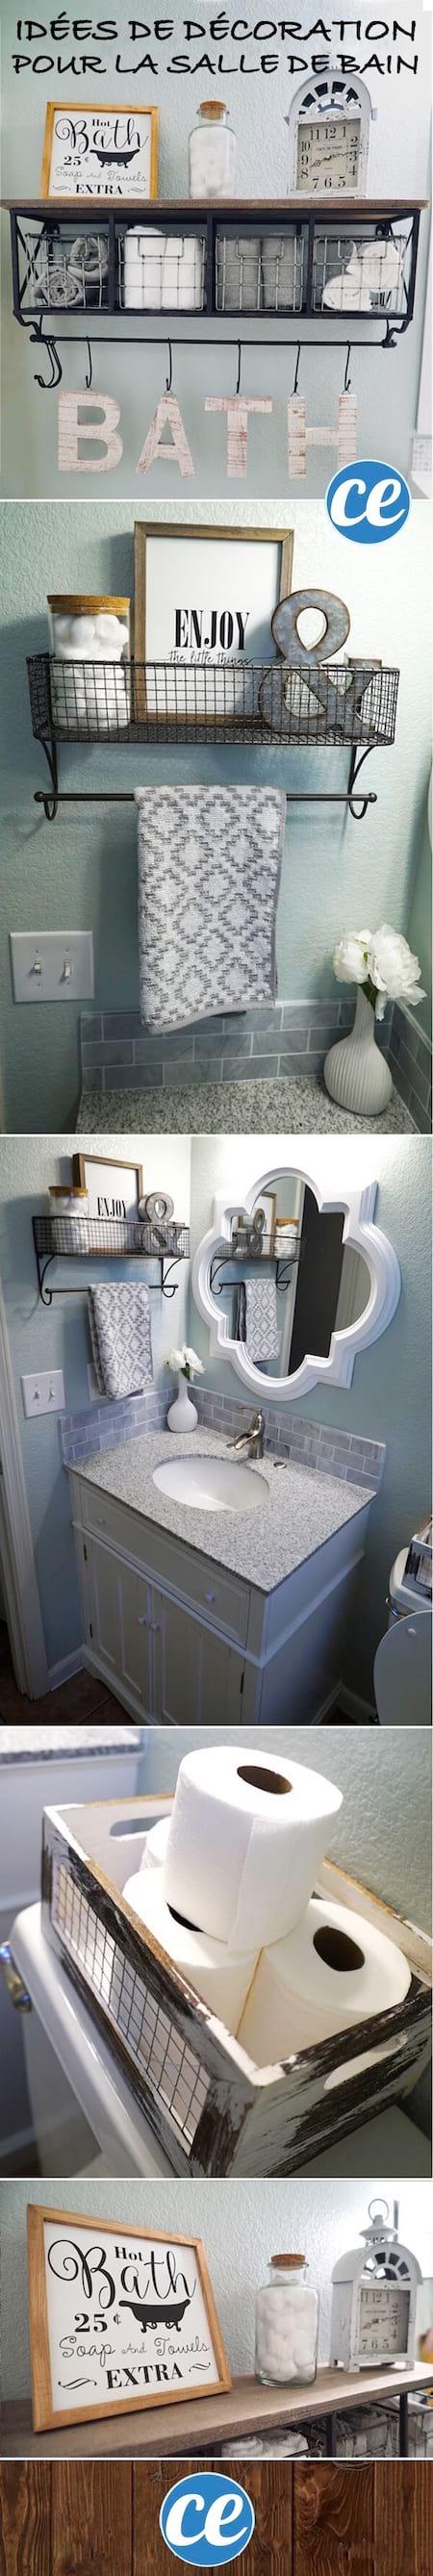 Rangement Papier Toilette Original 31 astuces de rangements au-dessus des wc (pour gagner de la